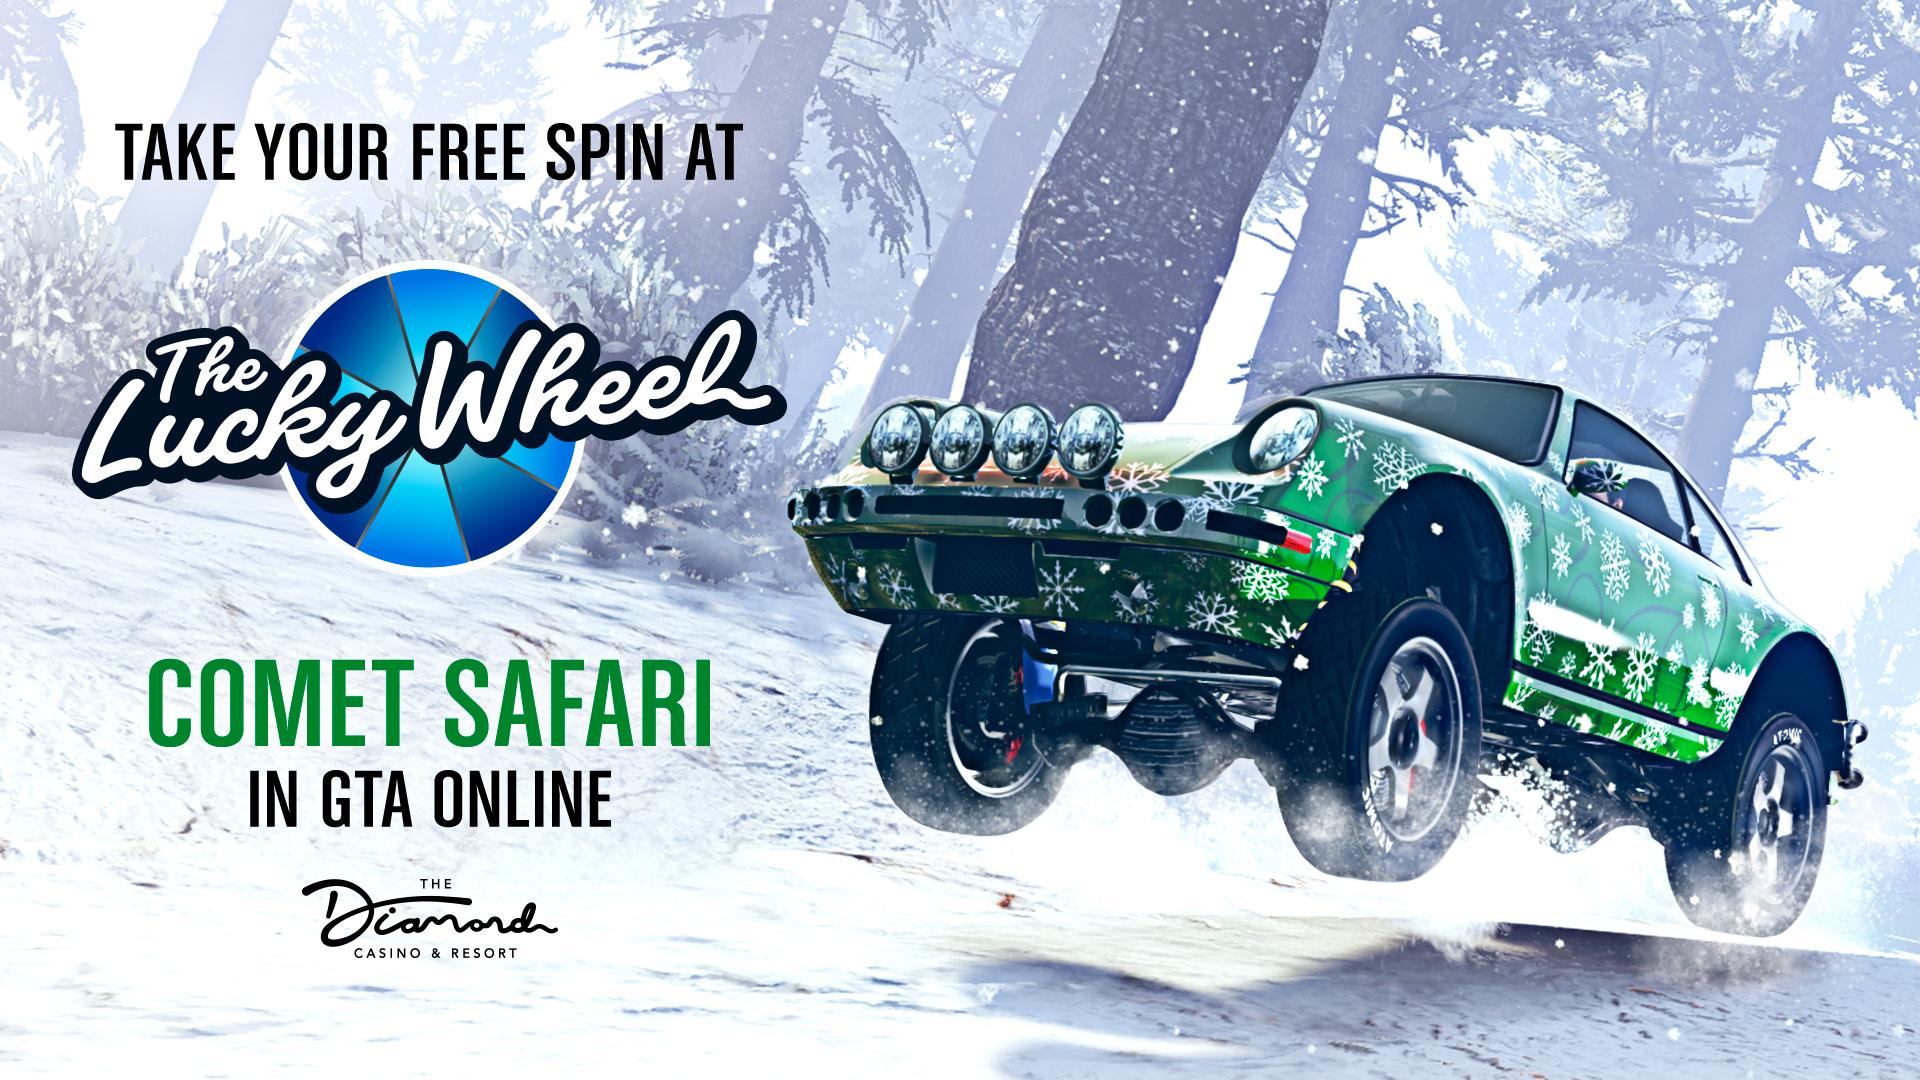 Véhicule GTA Online Casino 2 Janvier